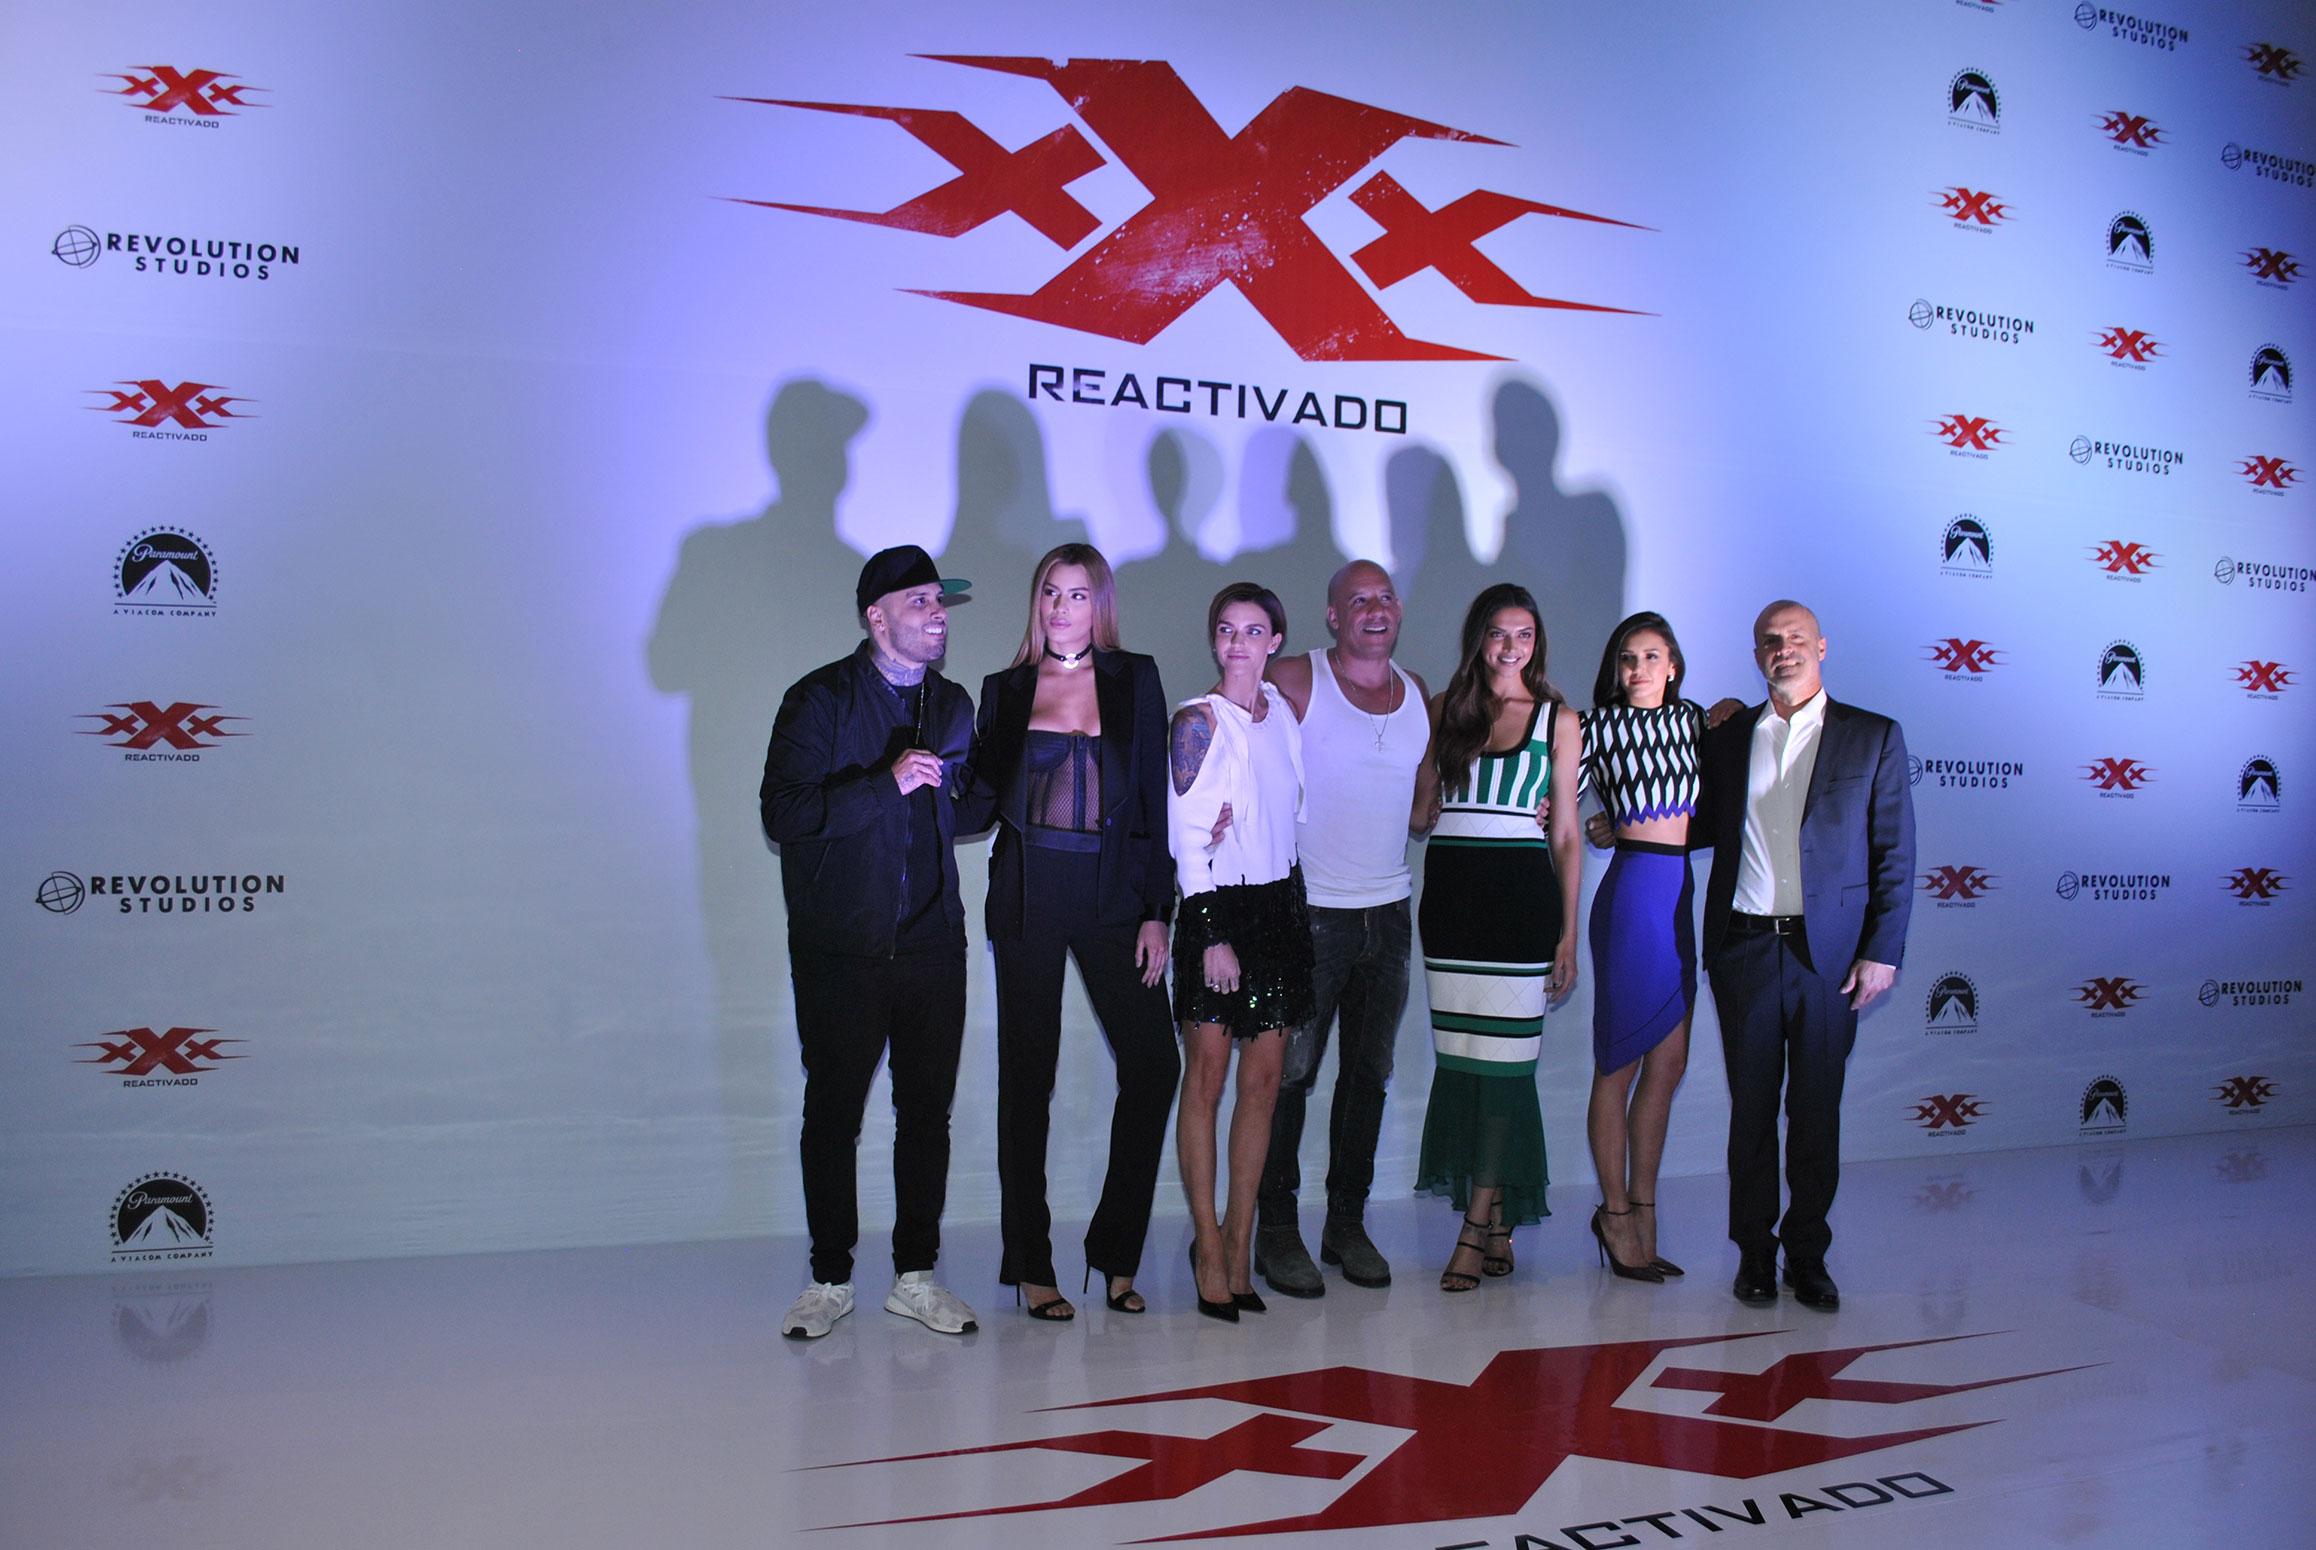 Nicky Jam, Ariadna Gutiérrez, Ruby Rose, Vin Diesel, Depika Padukone, Nina Dobrev y el productor D. J. Caruso